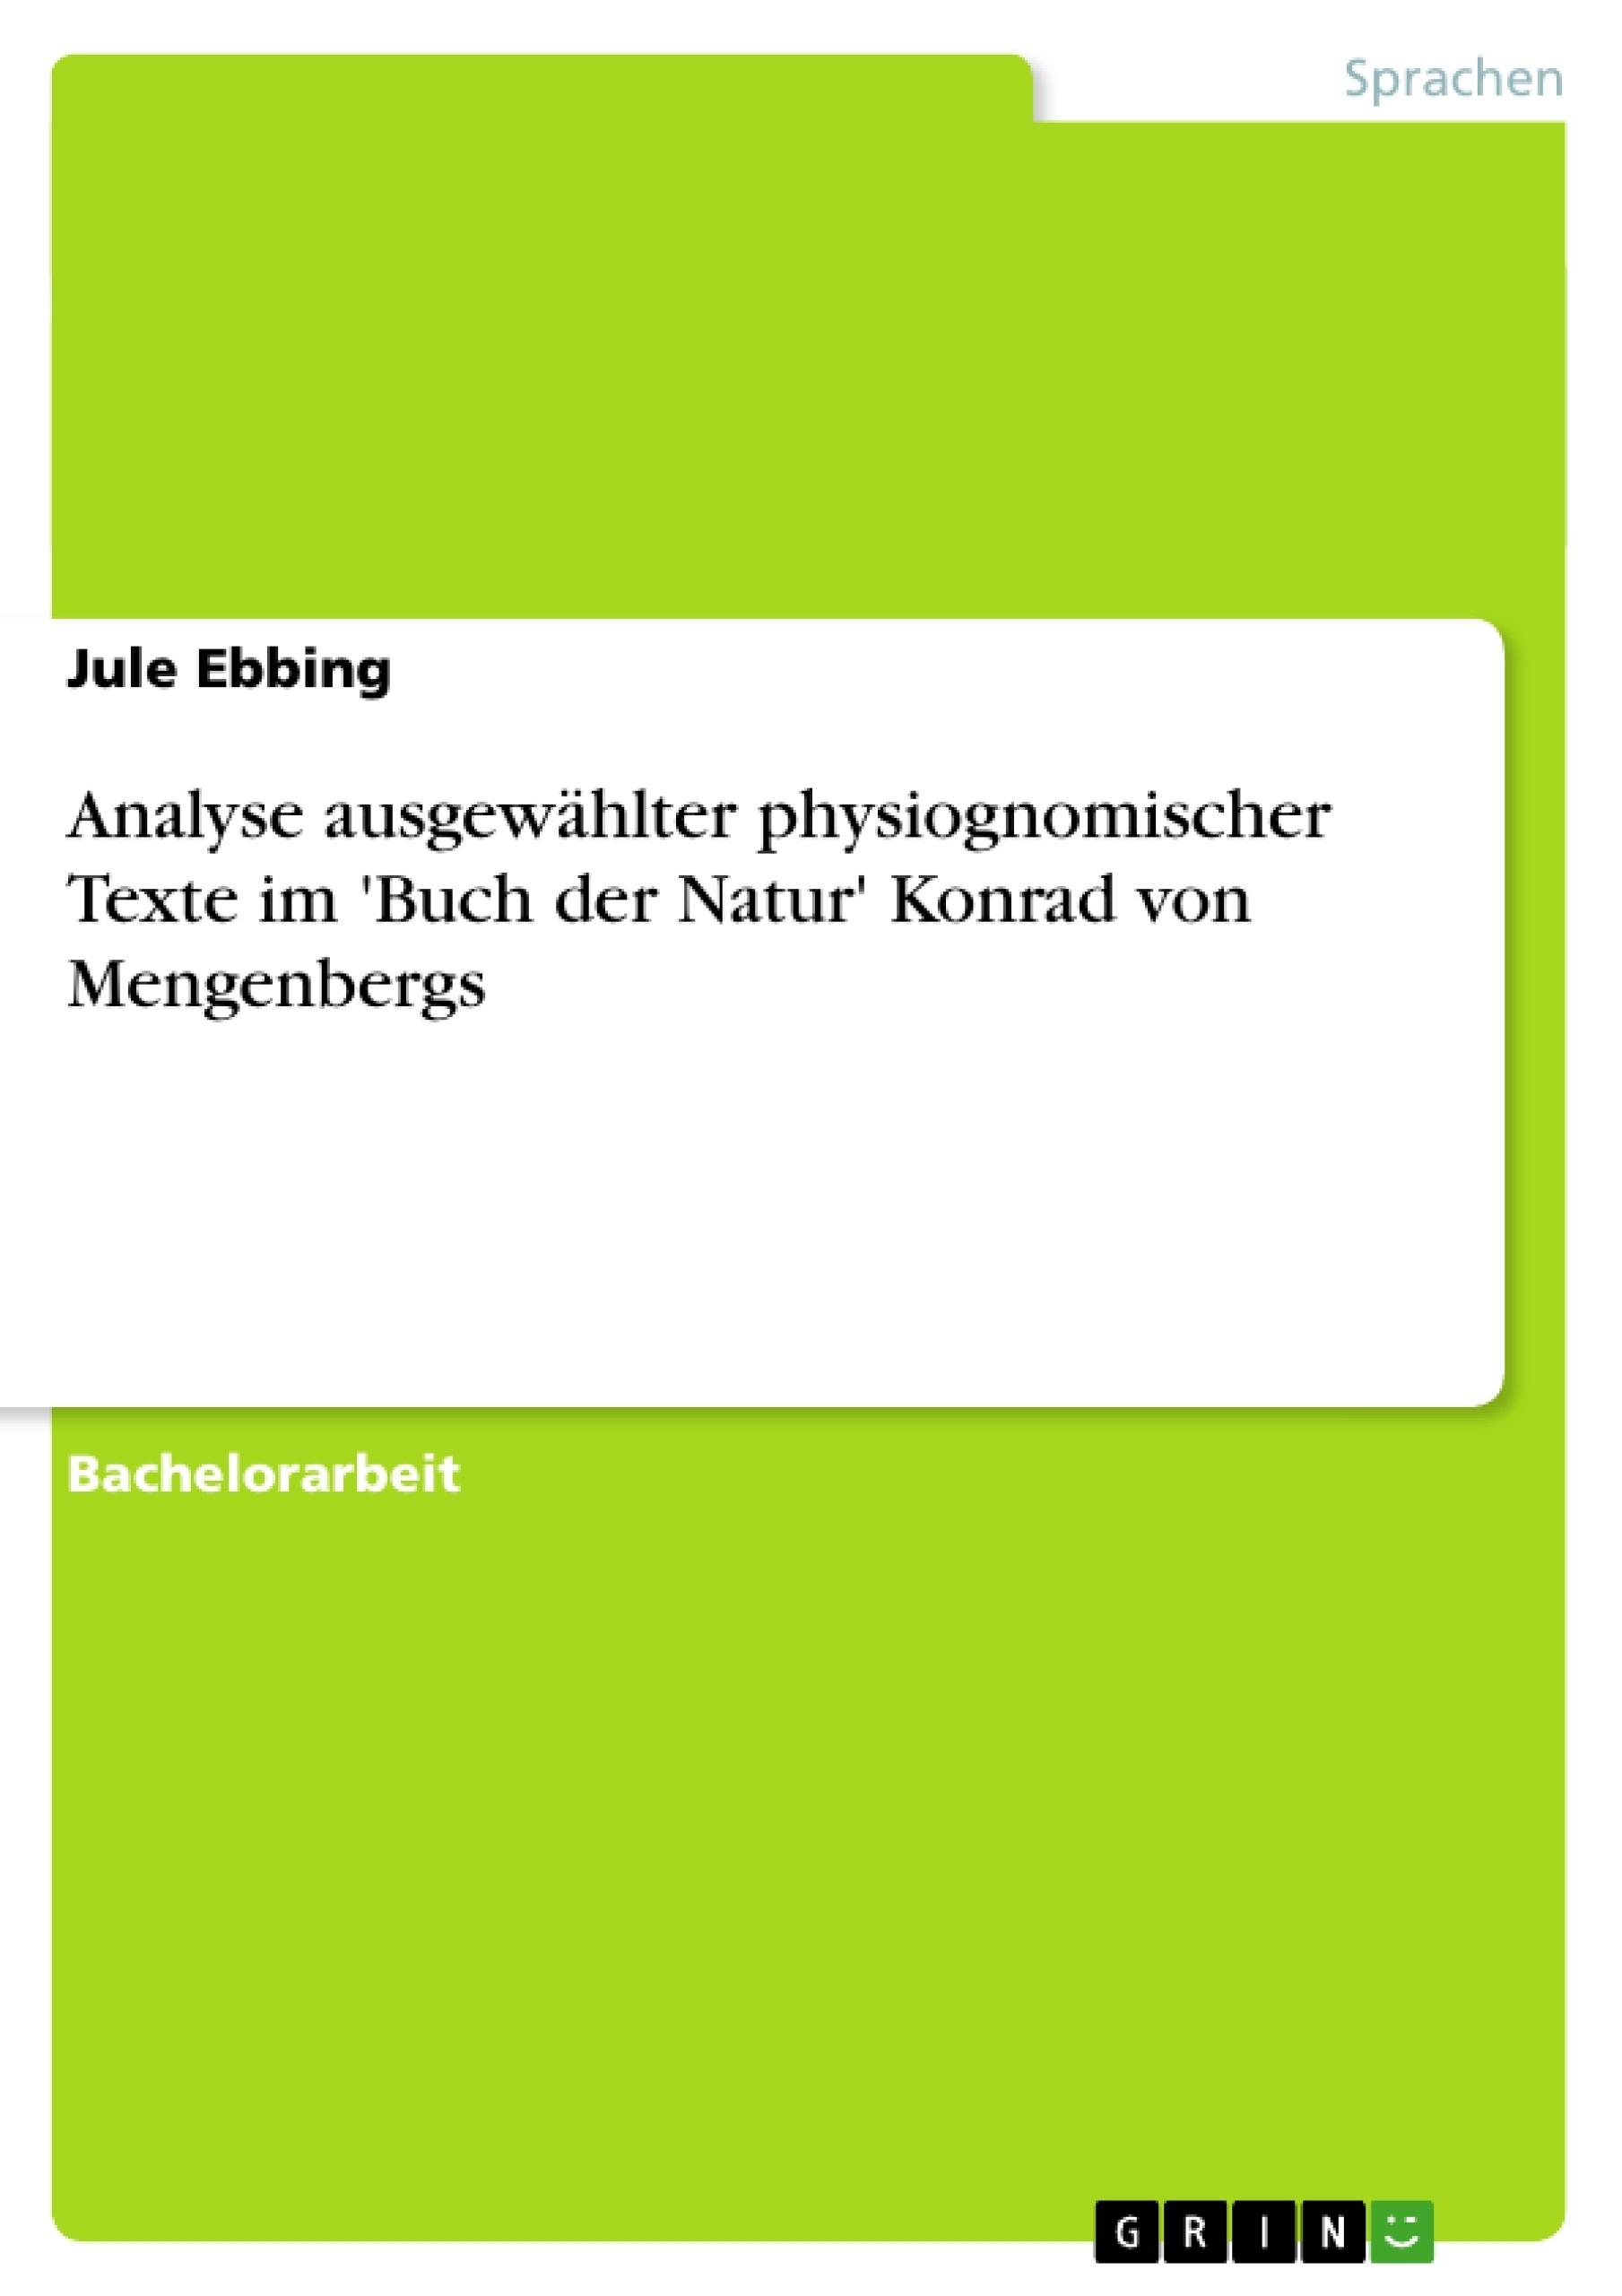 Titel: Analyse ausgewählter physiognomischer Texte im 'Buch der Natur' Konrad von Mengenbergs